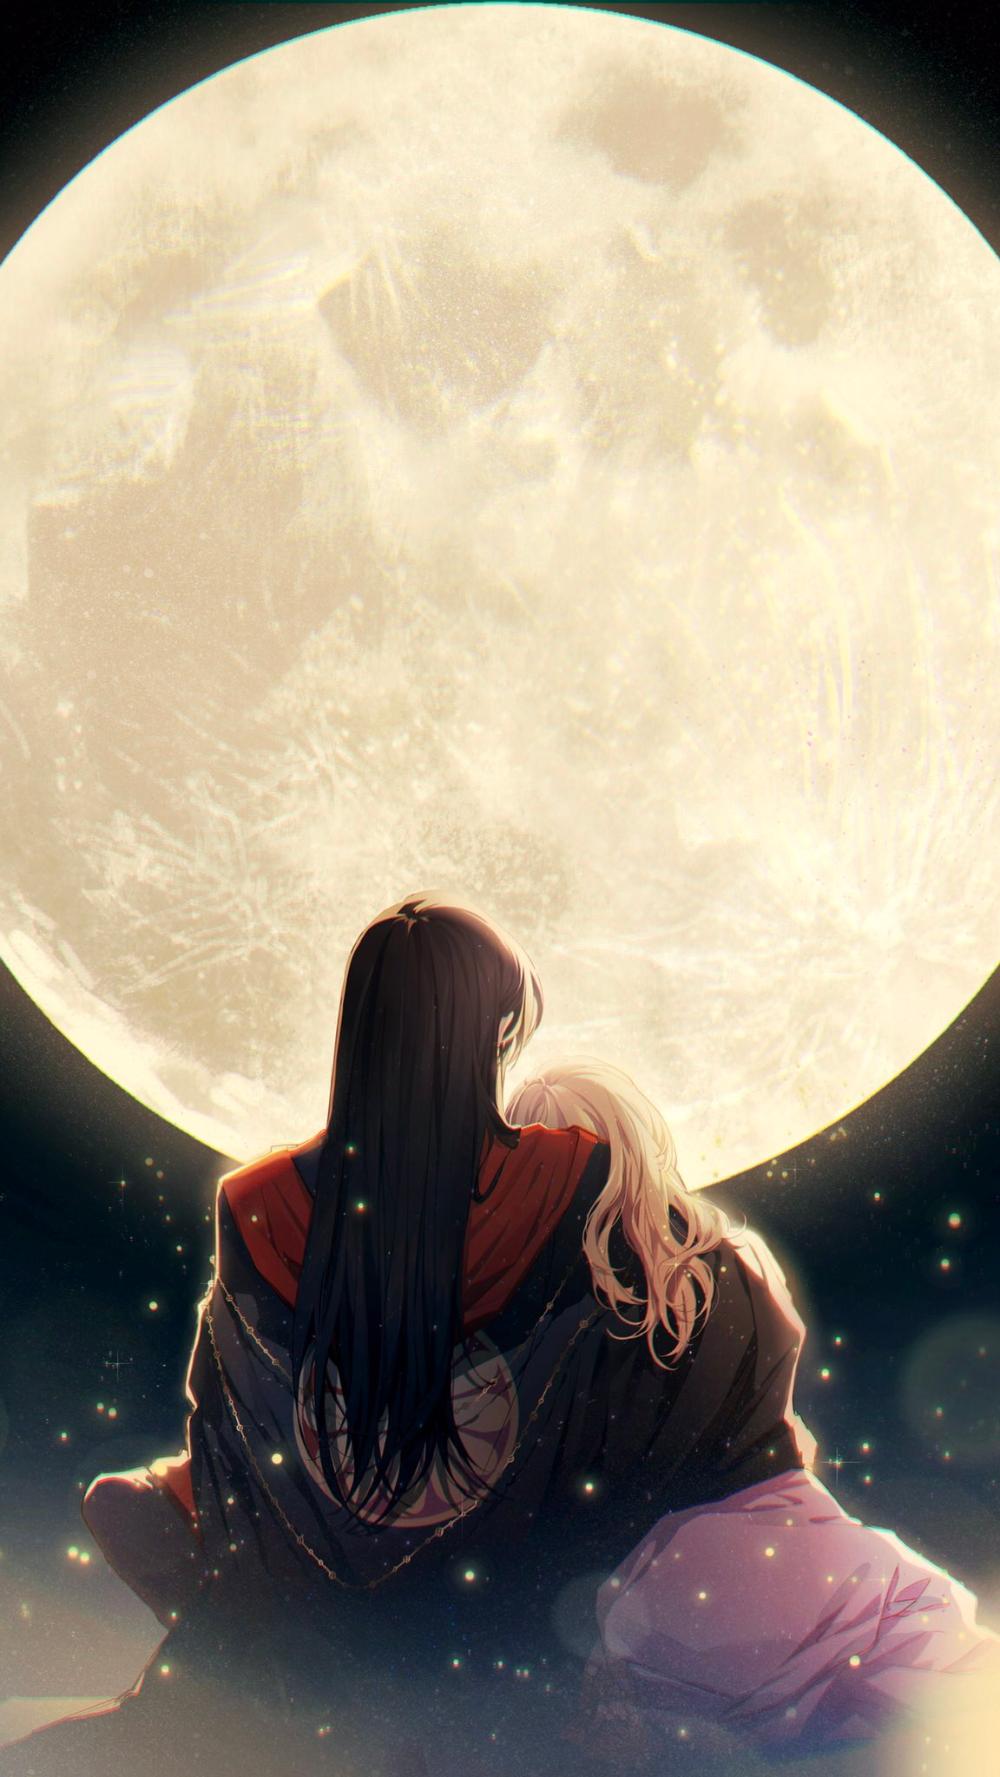 Xuan Qing On Twitter Gambar Anime Pemandangan Khayalan Ilustrasi